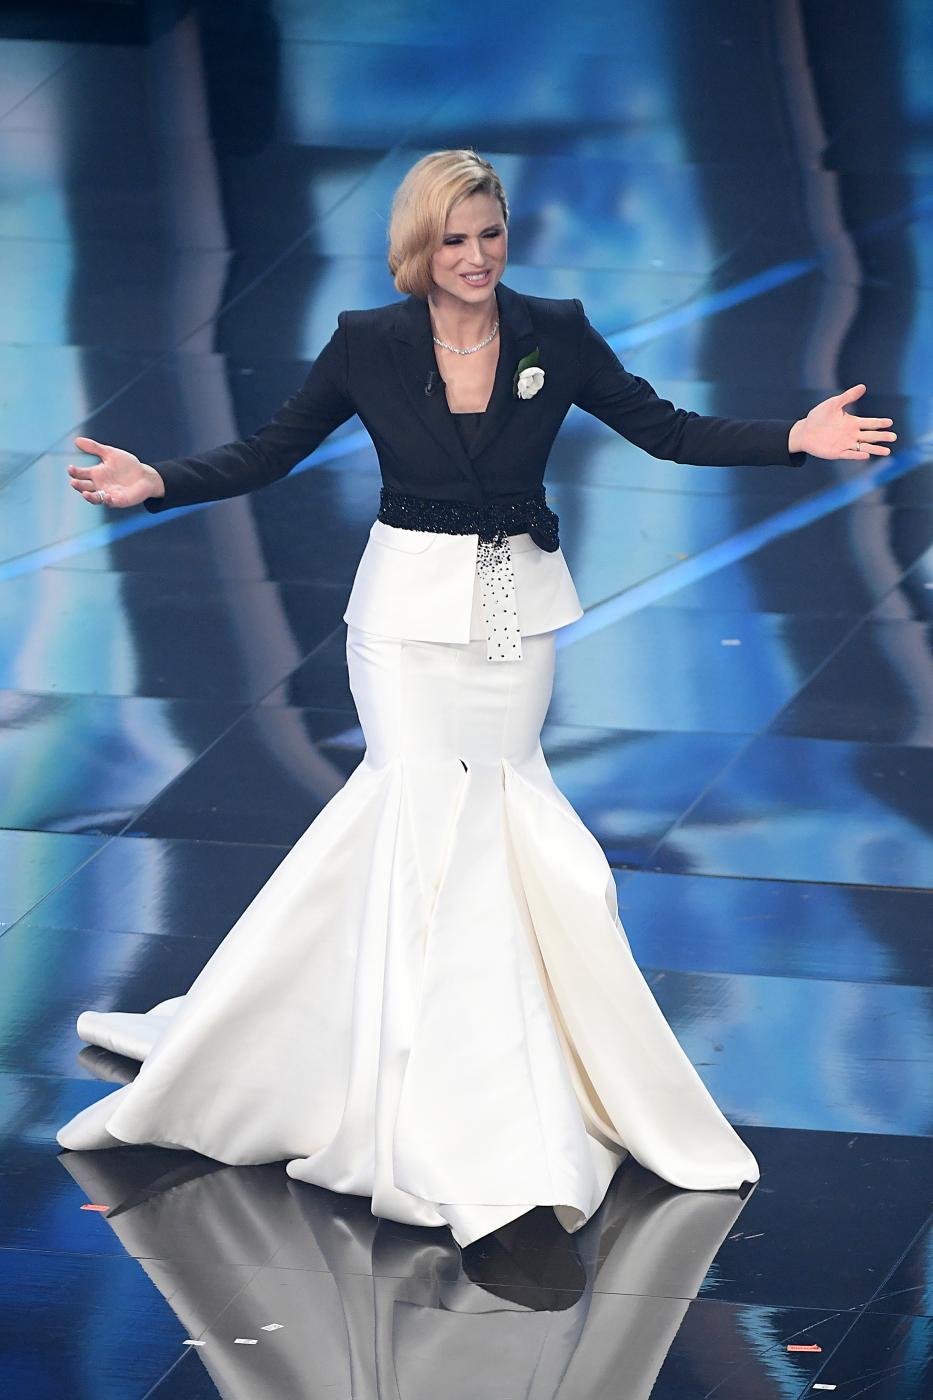 071be2b262 Sanremo 2018, Michelle Hunziker veste Trussardi e sui social piovono ...